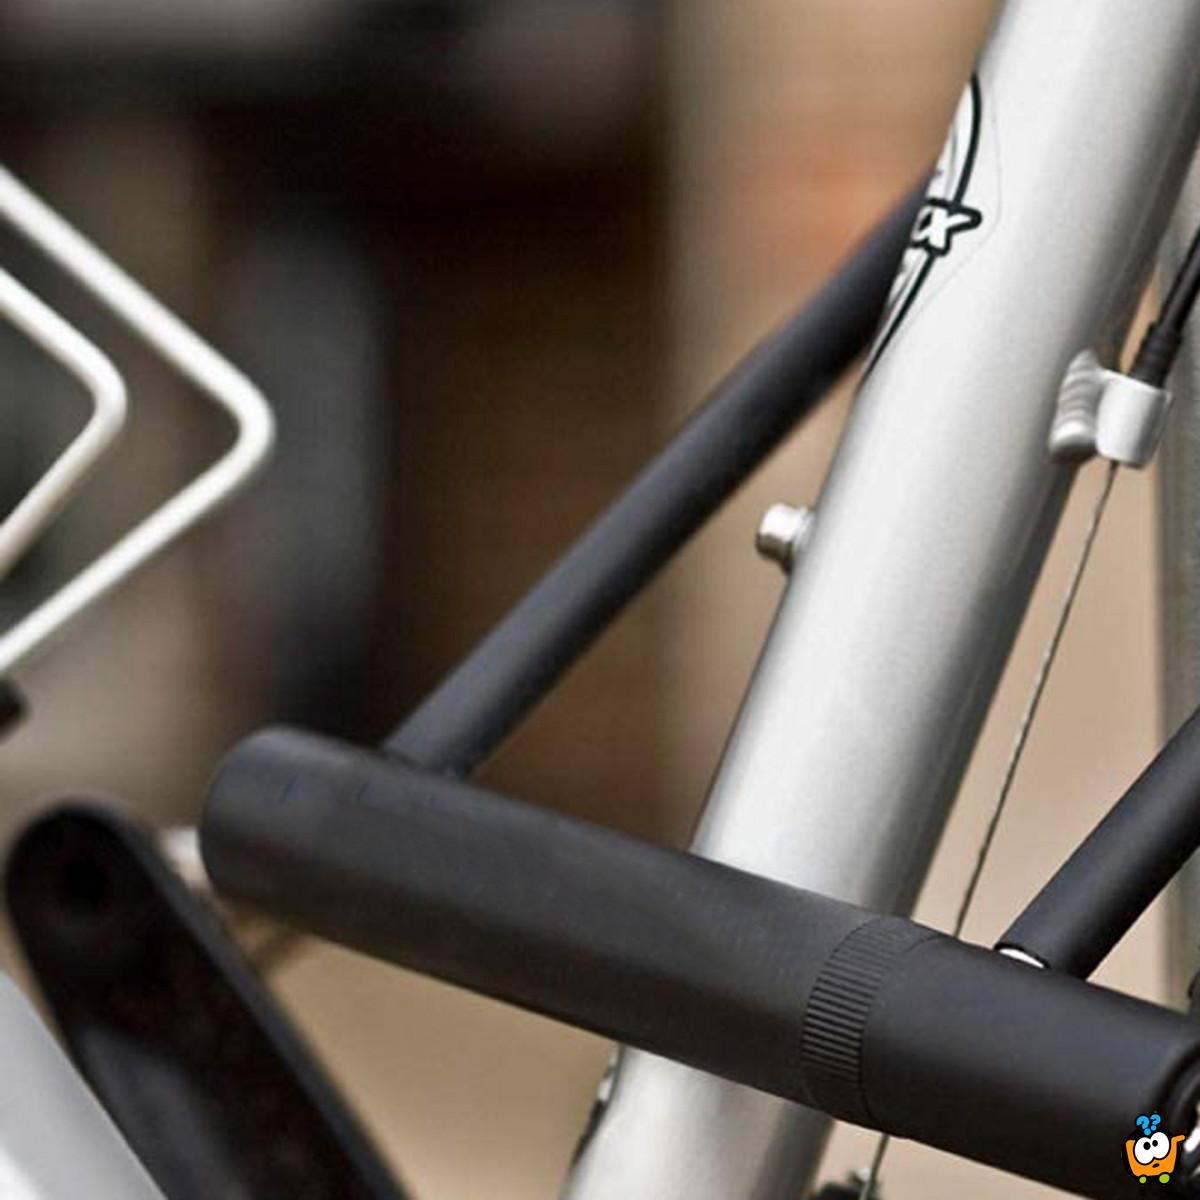 Brava za zaključavanje bicikla